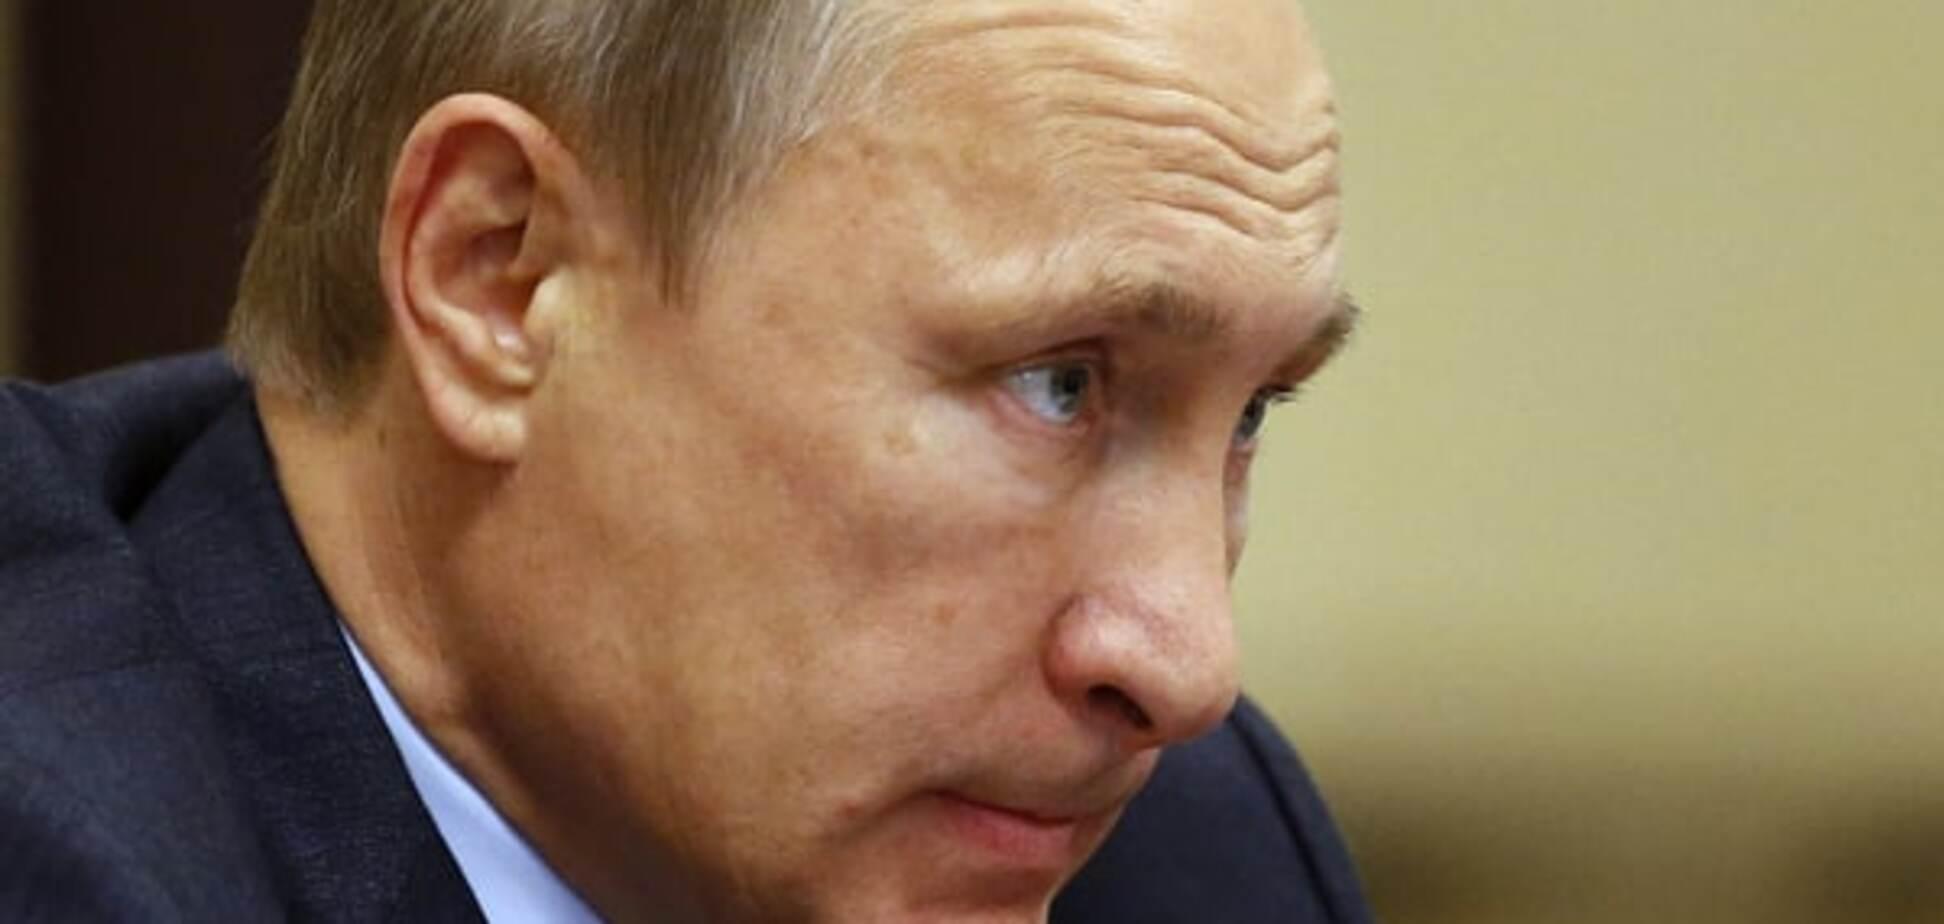 Не минуло й року: Путін приніс співчуття сім'ям загиблих росіян